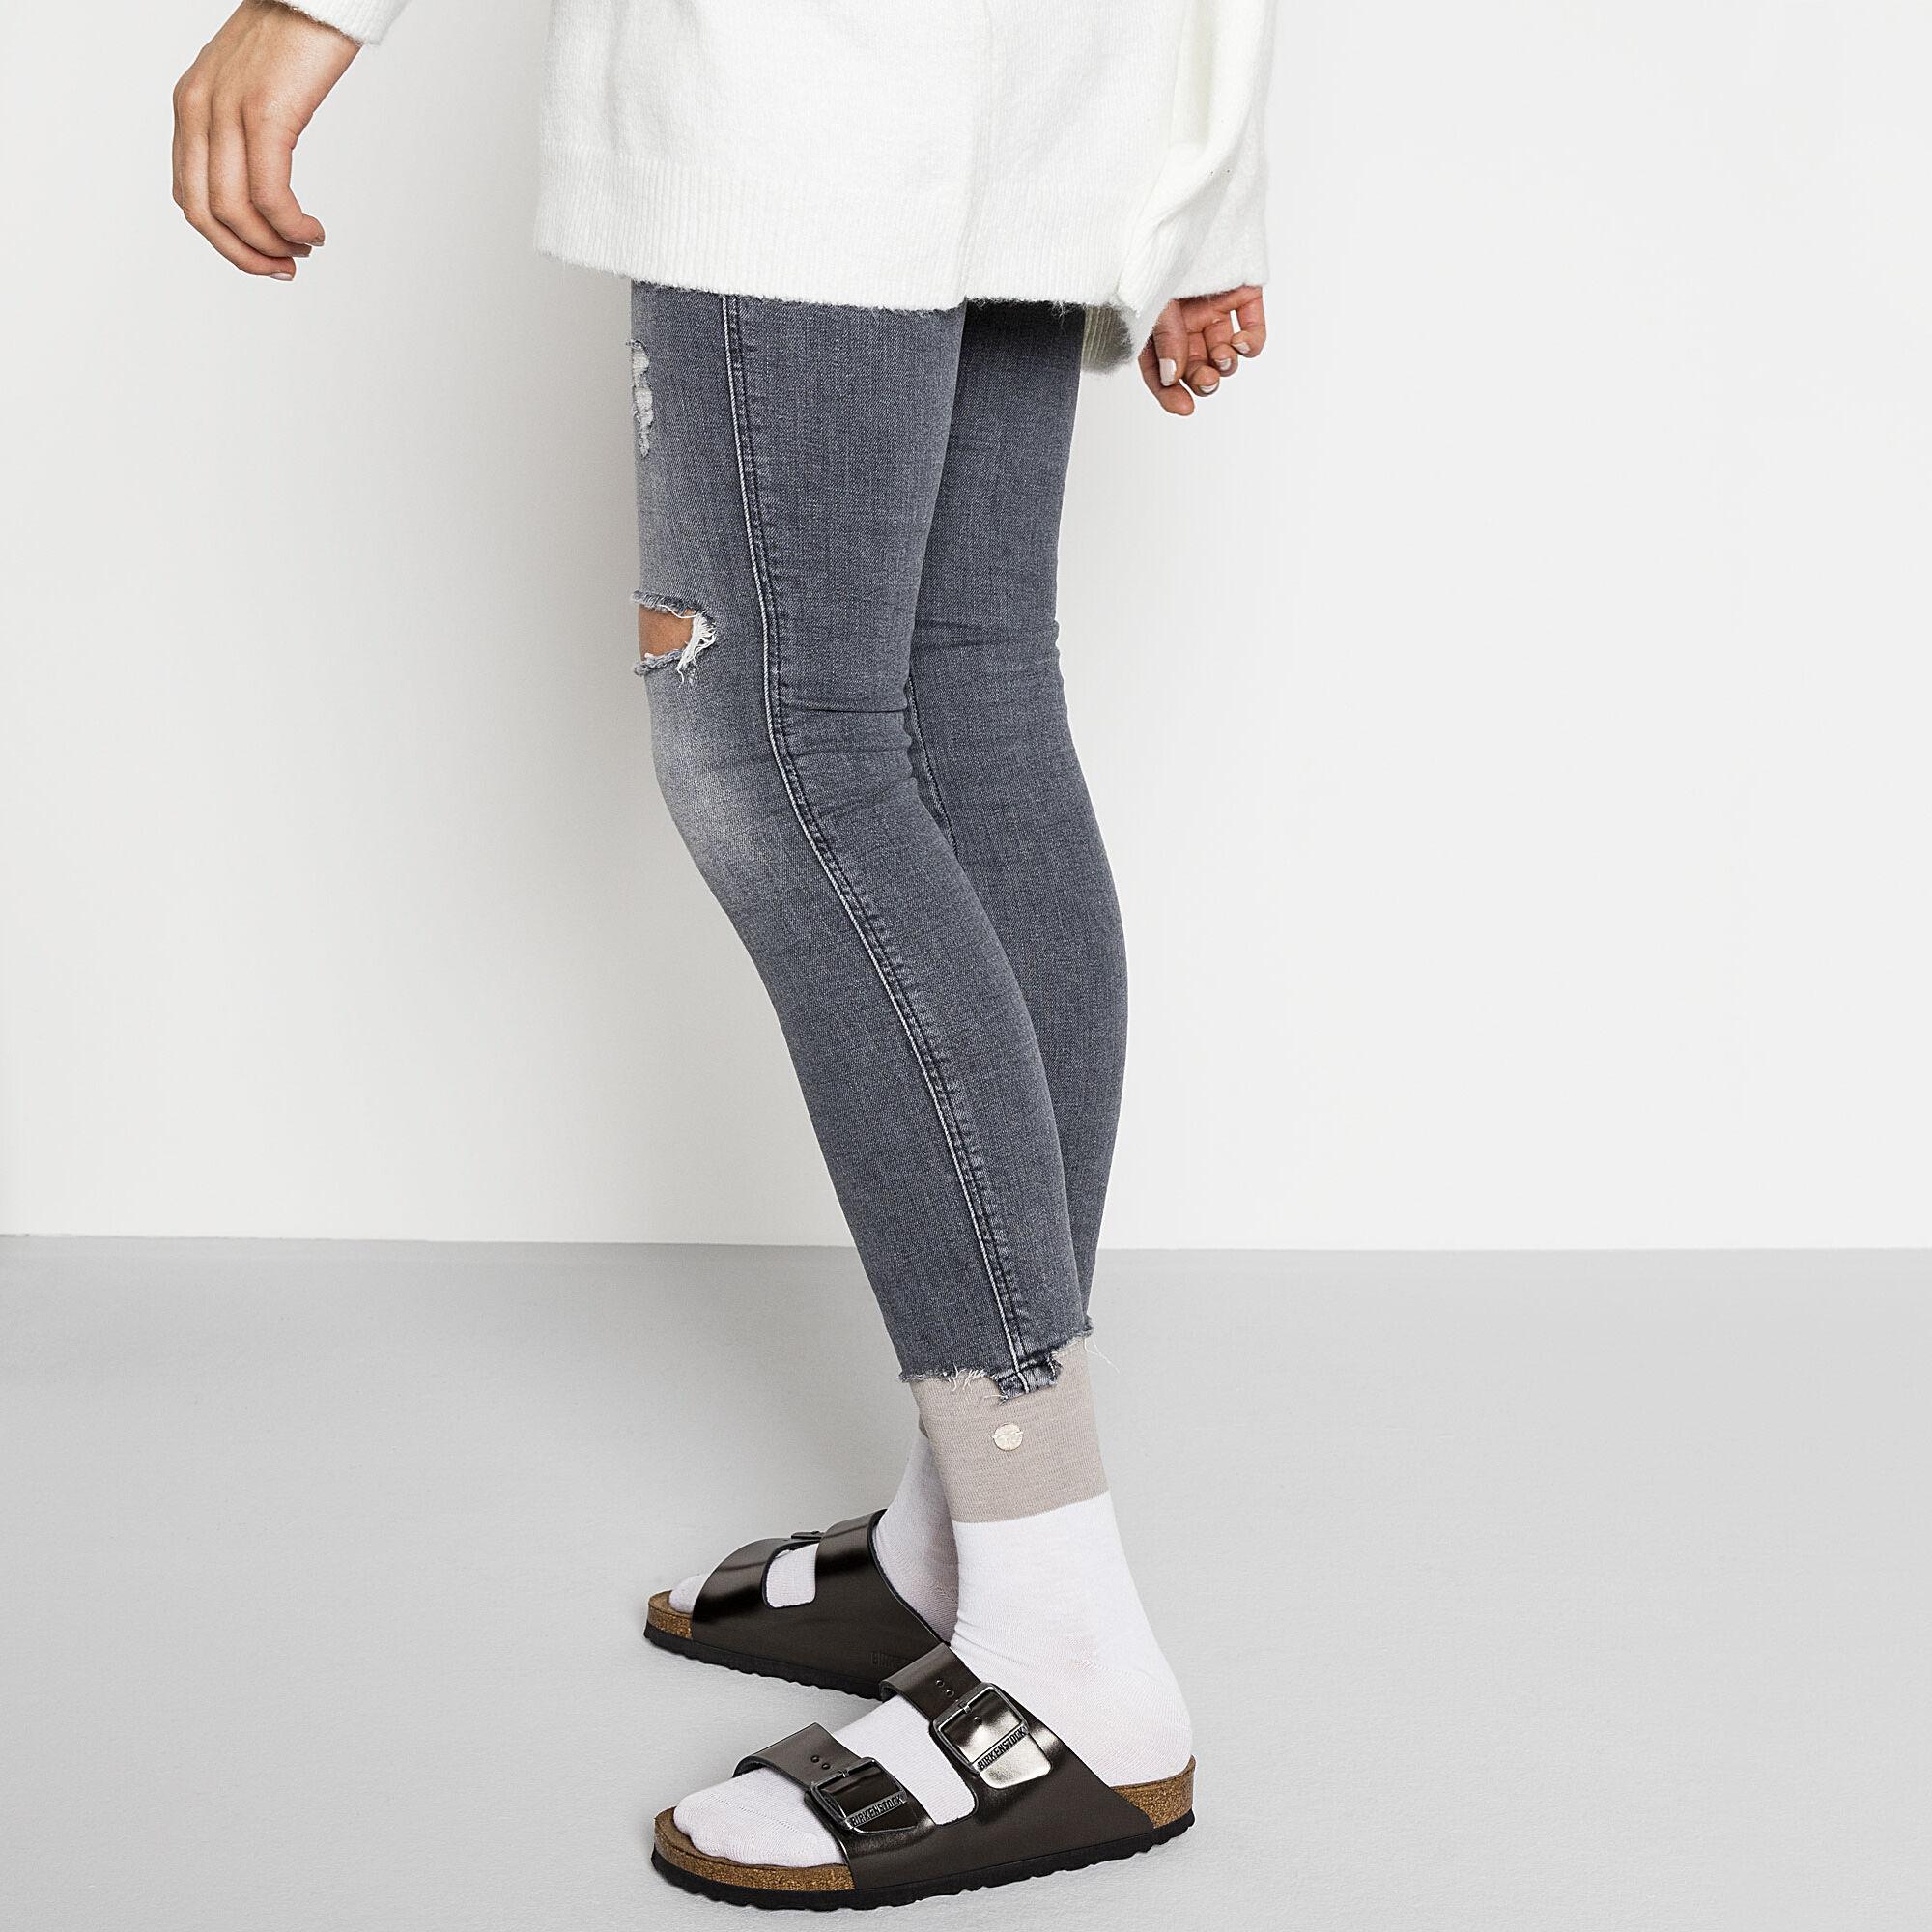 Socke Tabora Gray White